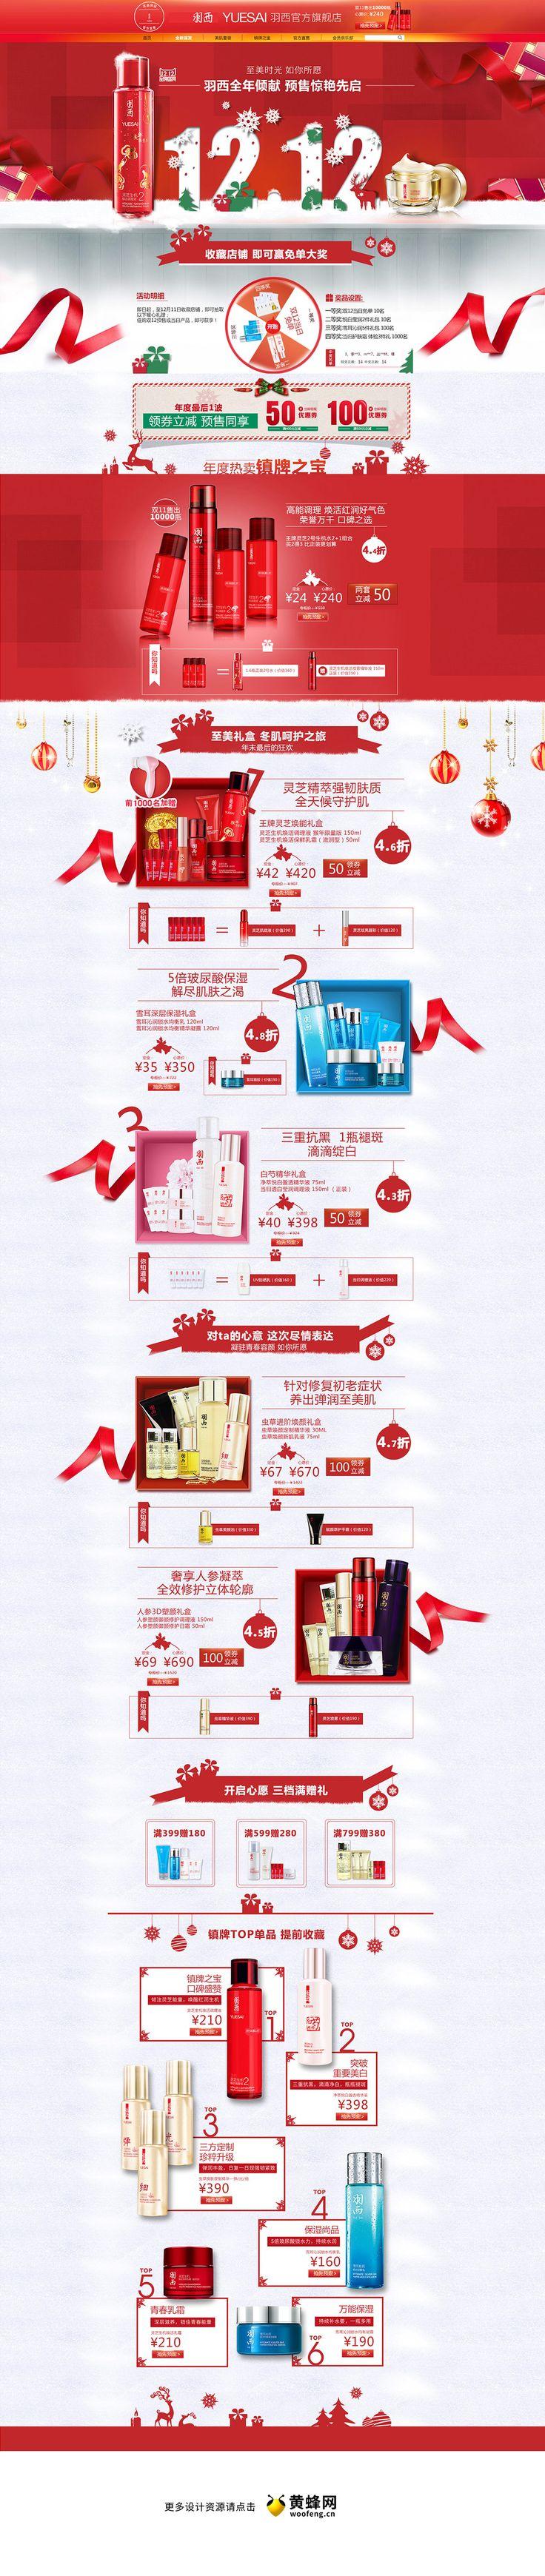 羽西美妆彩妆化妆品双12来了 双十二圣诞节天猫首页活动页面设计 更多设计资源尽在黄蜂网http://woofeng.cn/